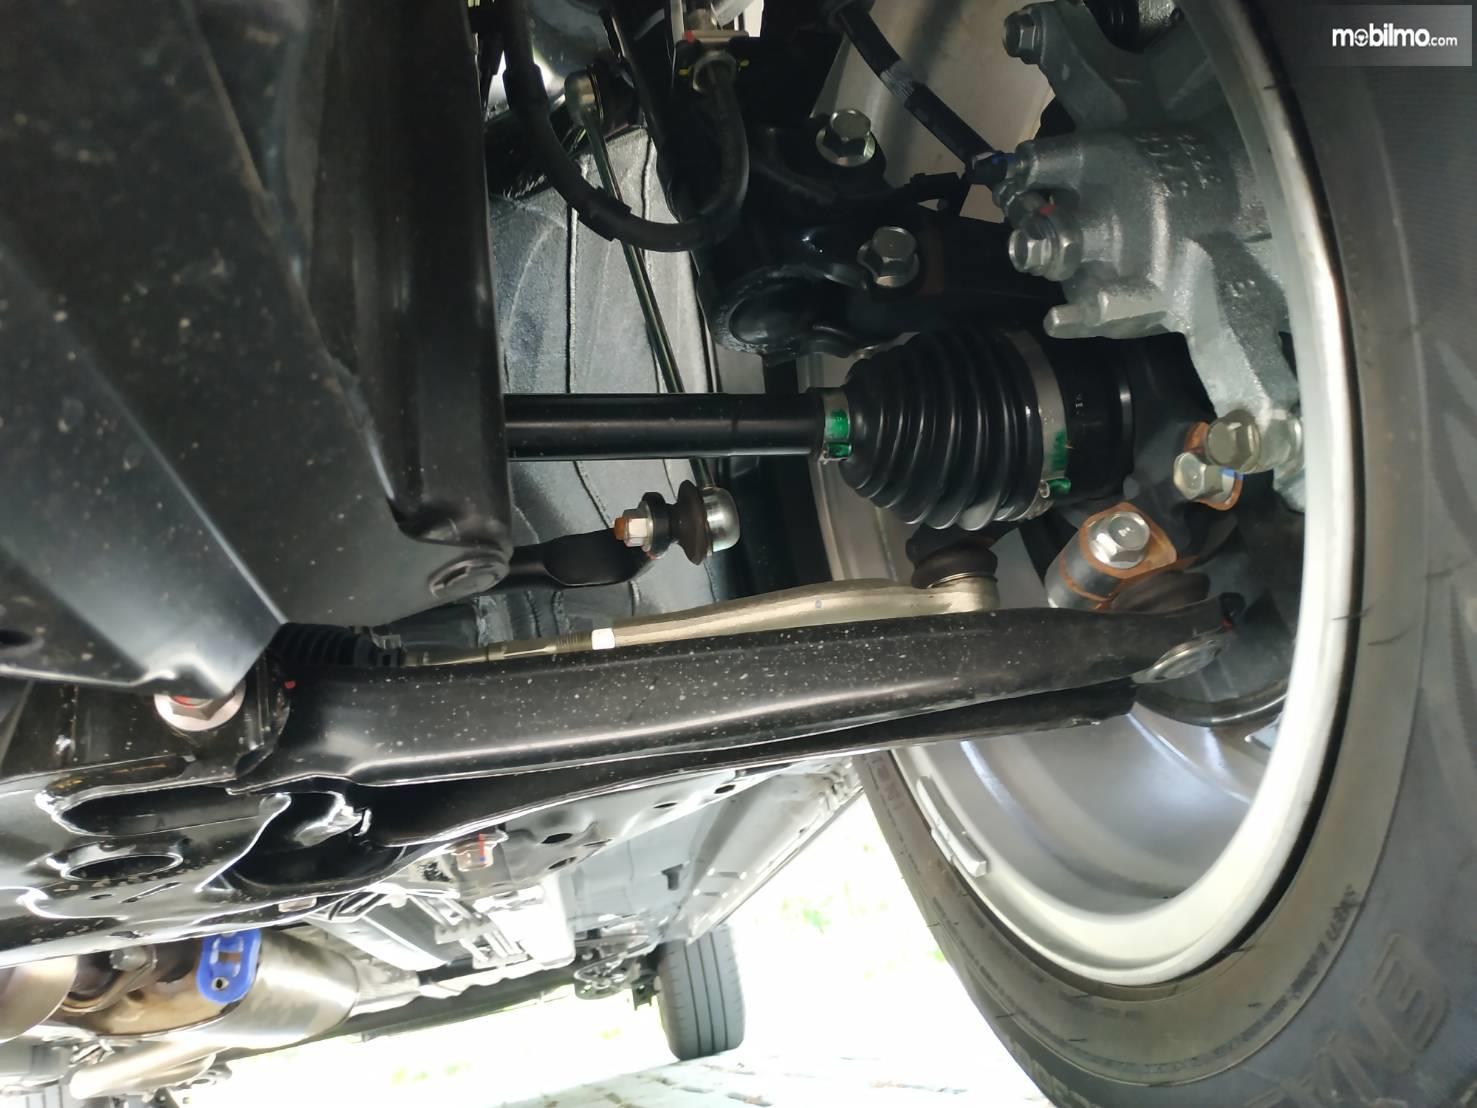 Tampak cv joint atau as roda